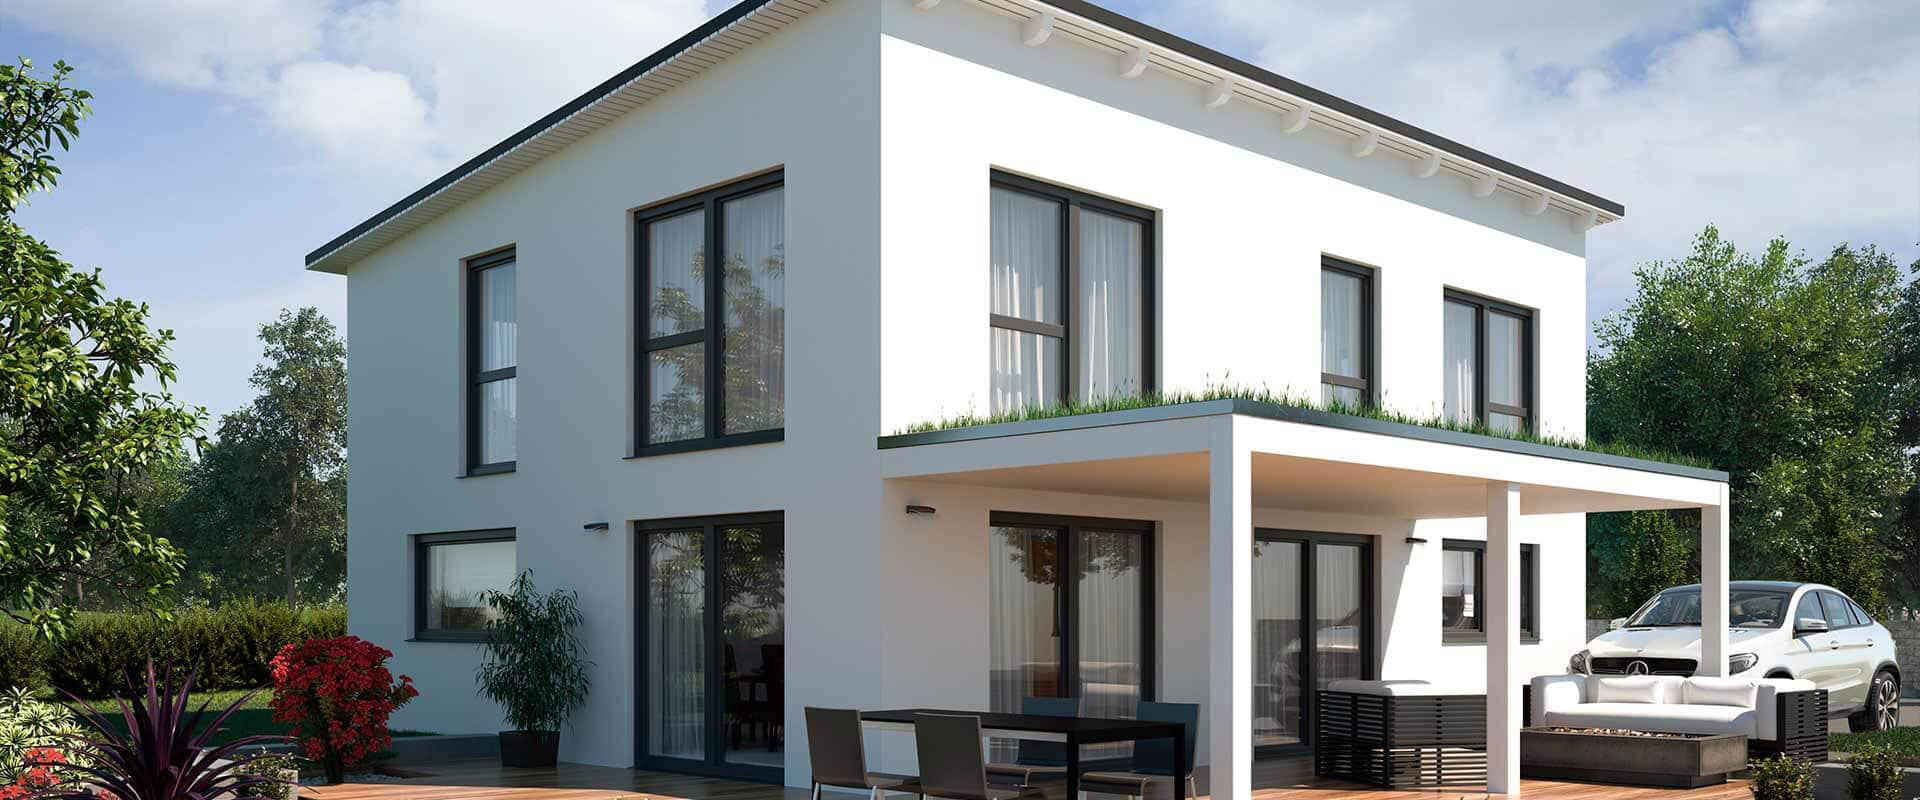 Einfamilienhaus Vario4plus 112